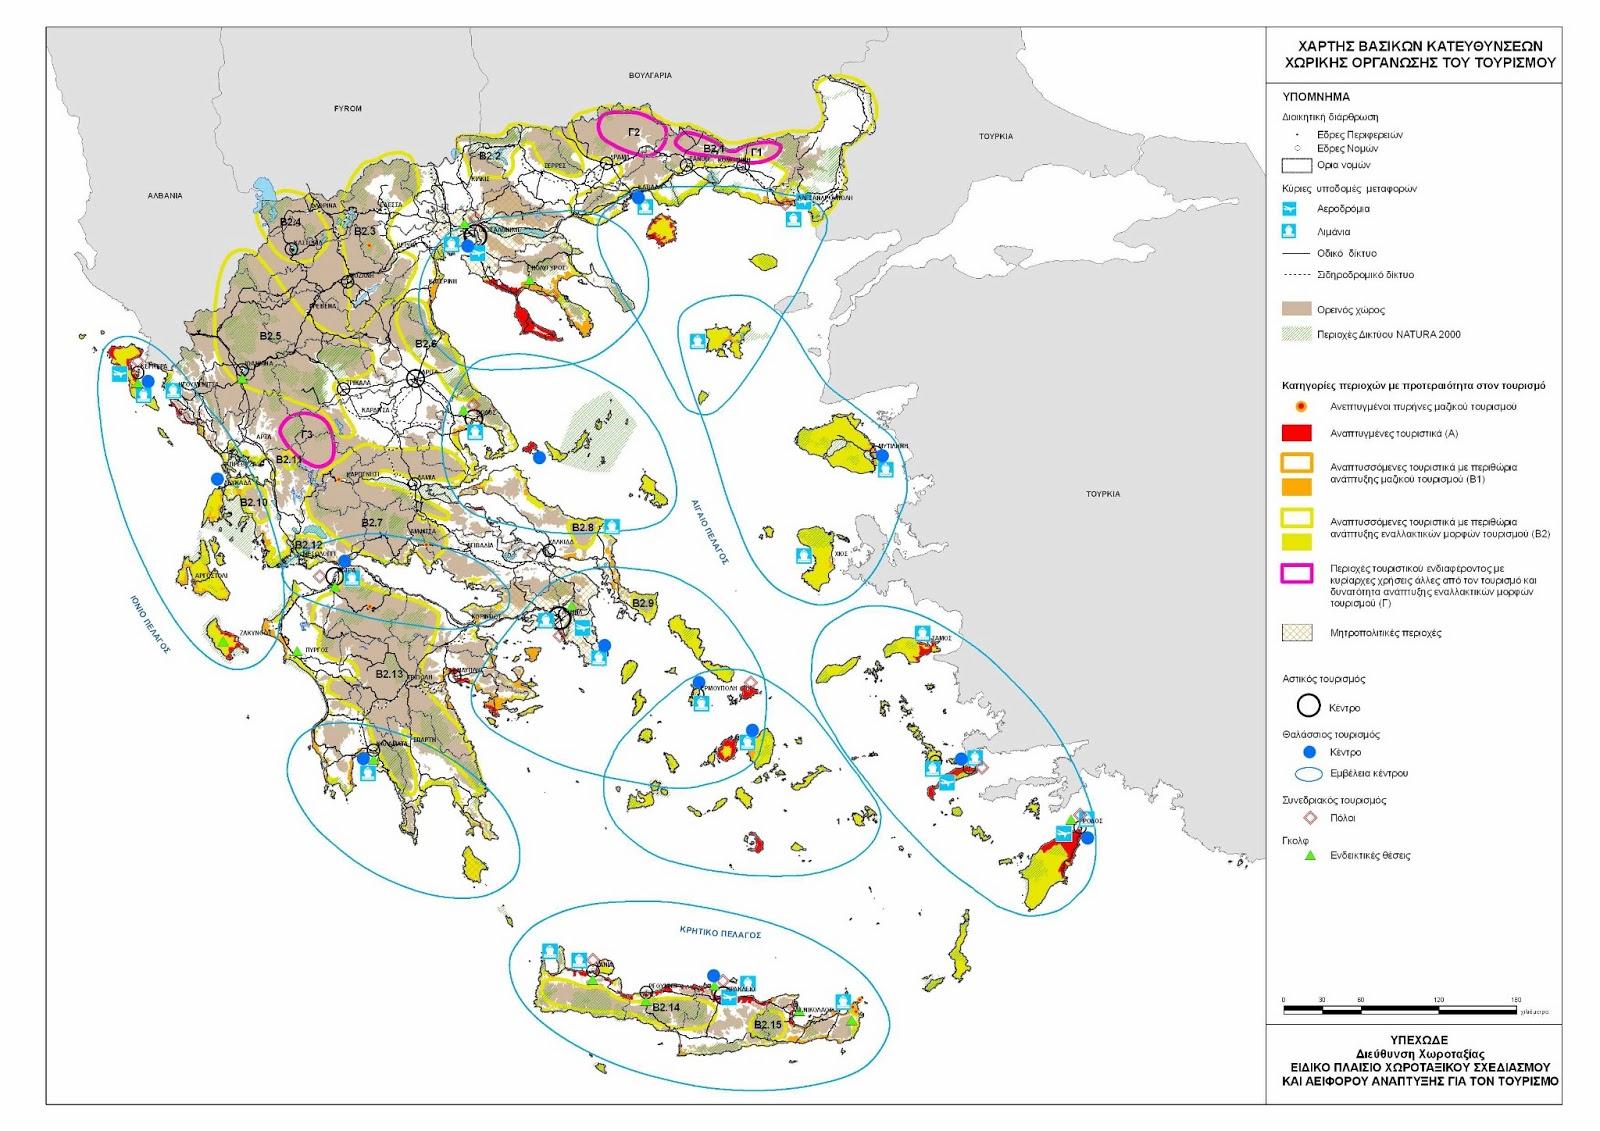 Η Ελλάδα αποκτά «θαλάσσιο χωροταξικό σχεδιασμό» – Ανοίγει ο δρόμος για έργα ΑΠΕ